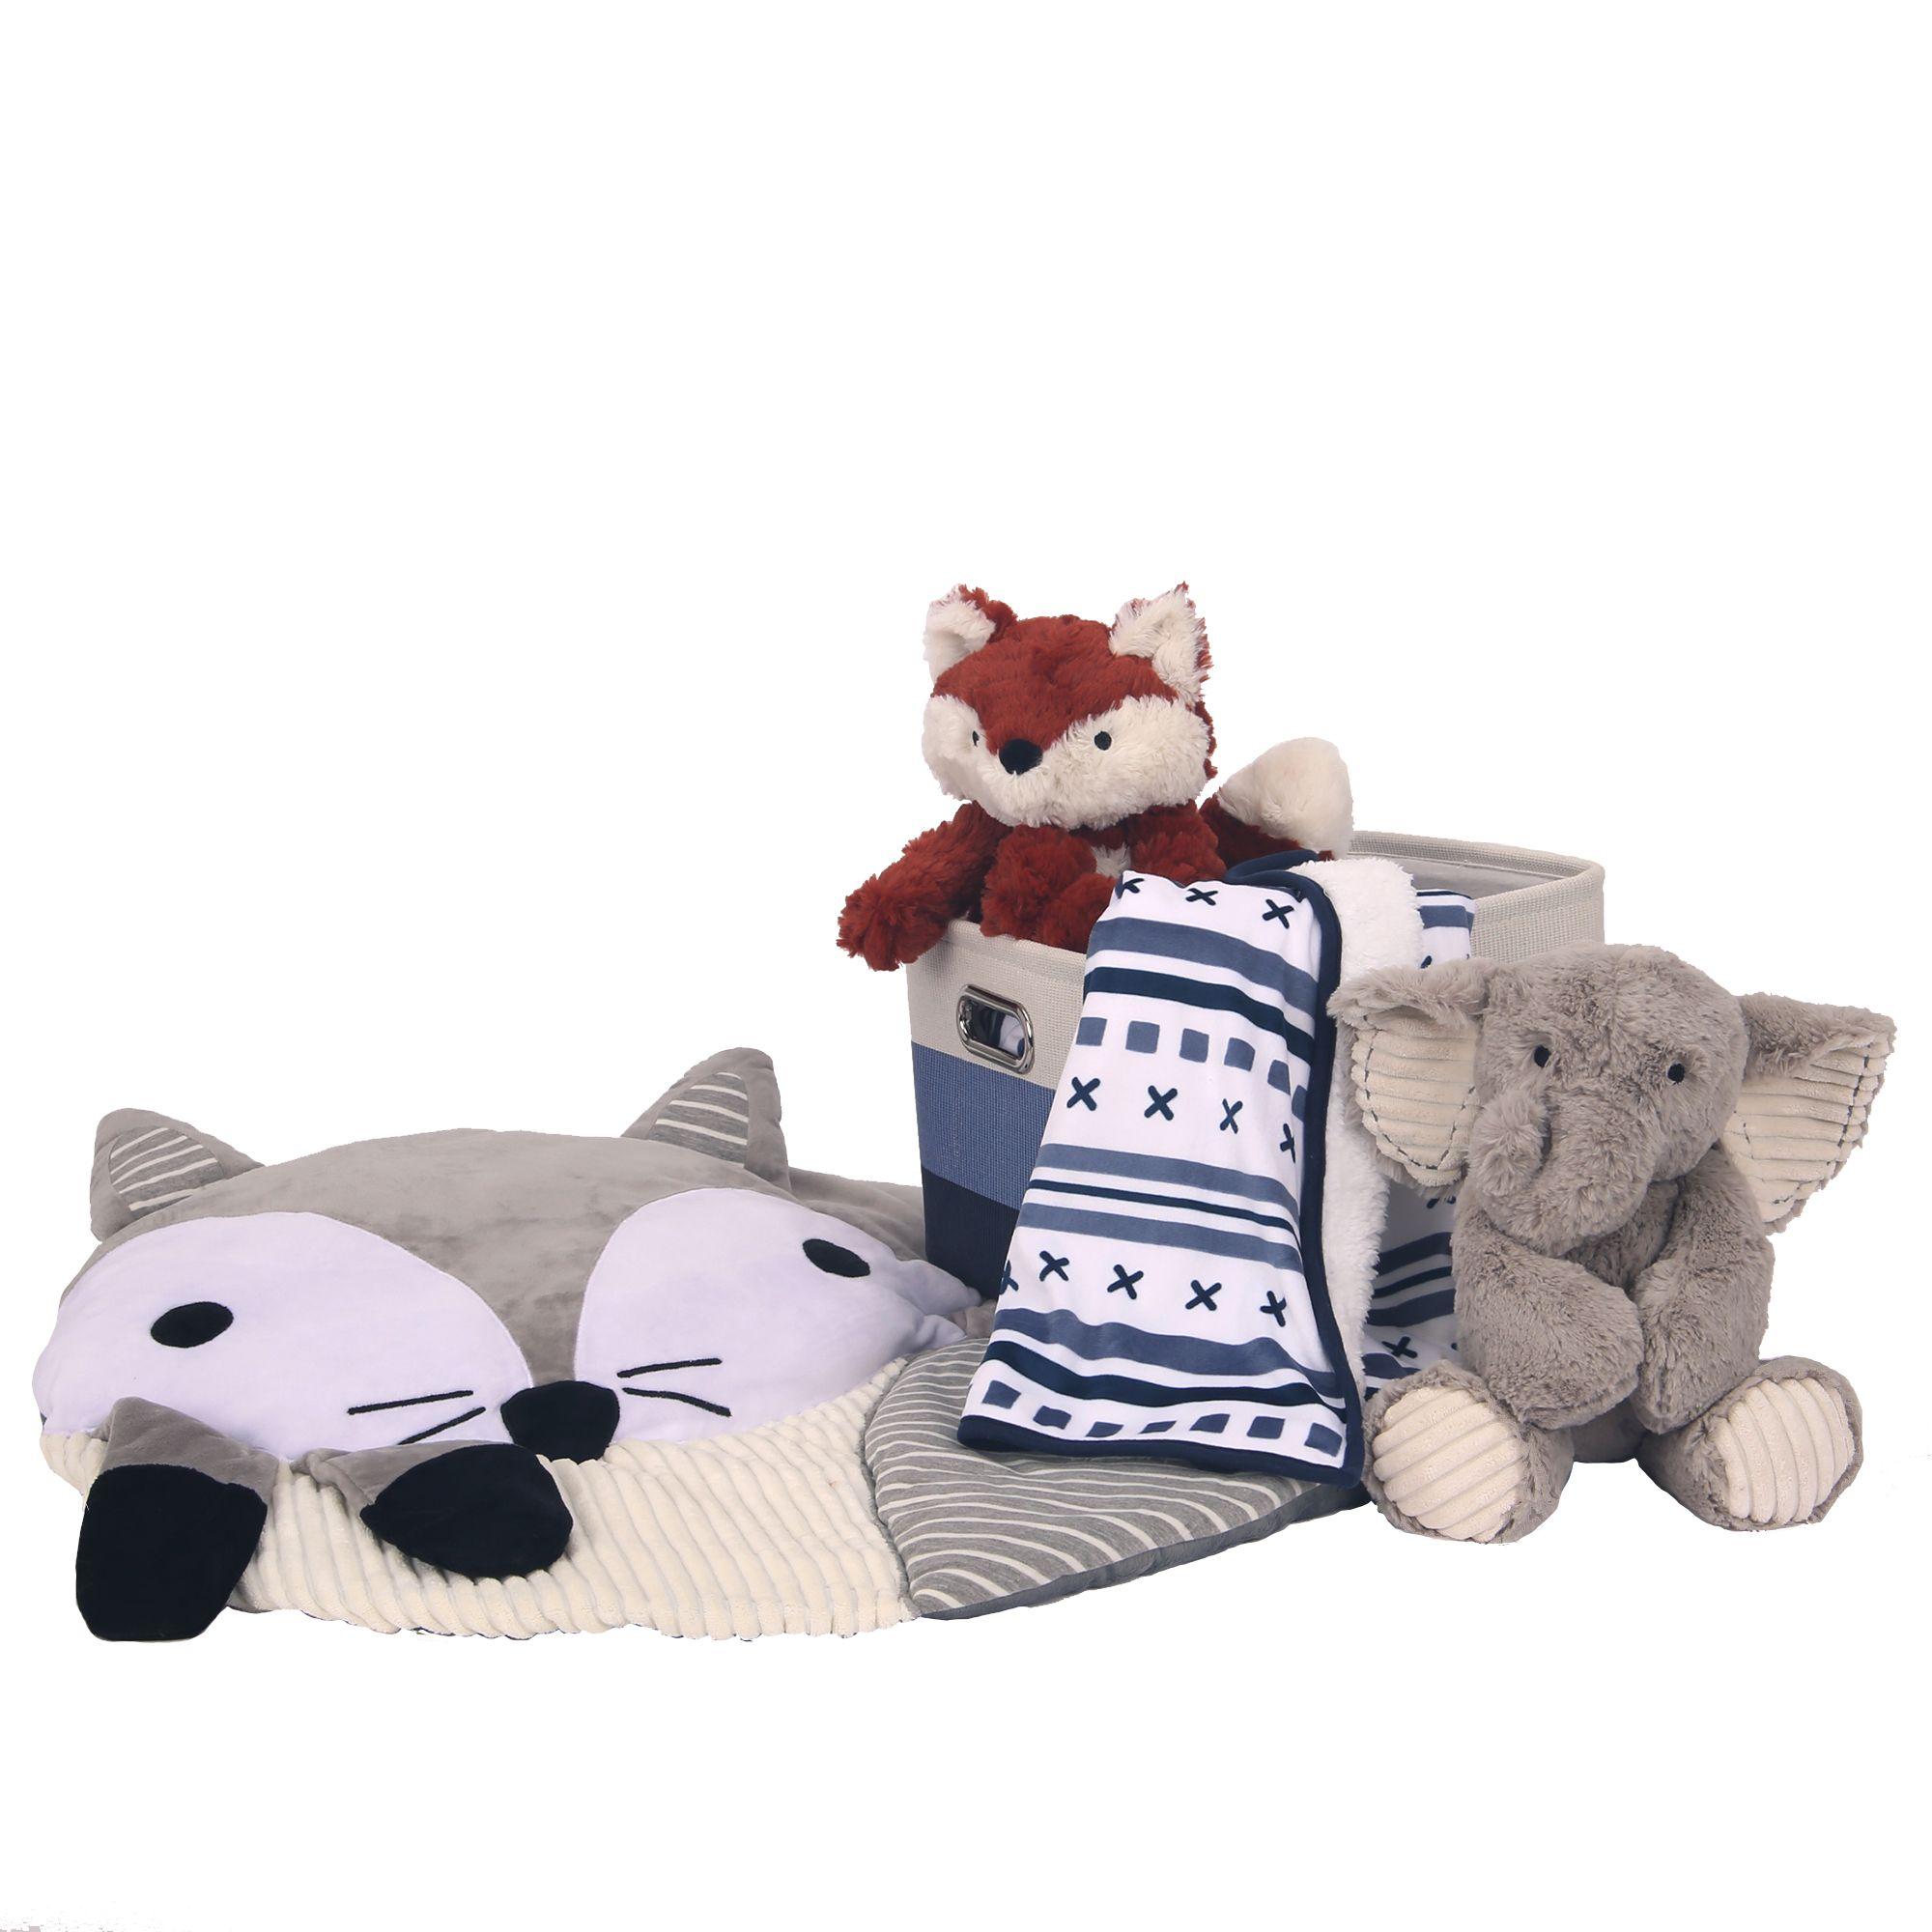 Blue 5-Piece Baby Gift Basket for Baby Shower/Newborn ...